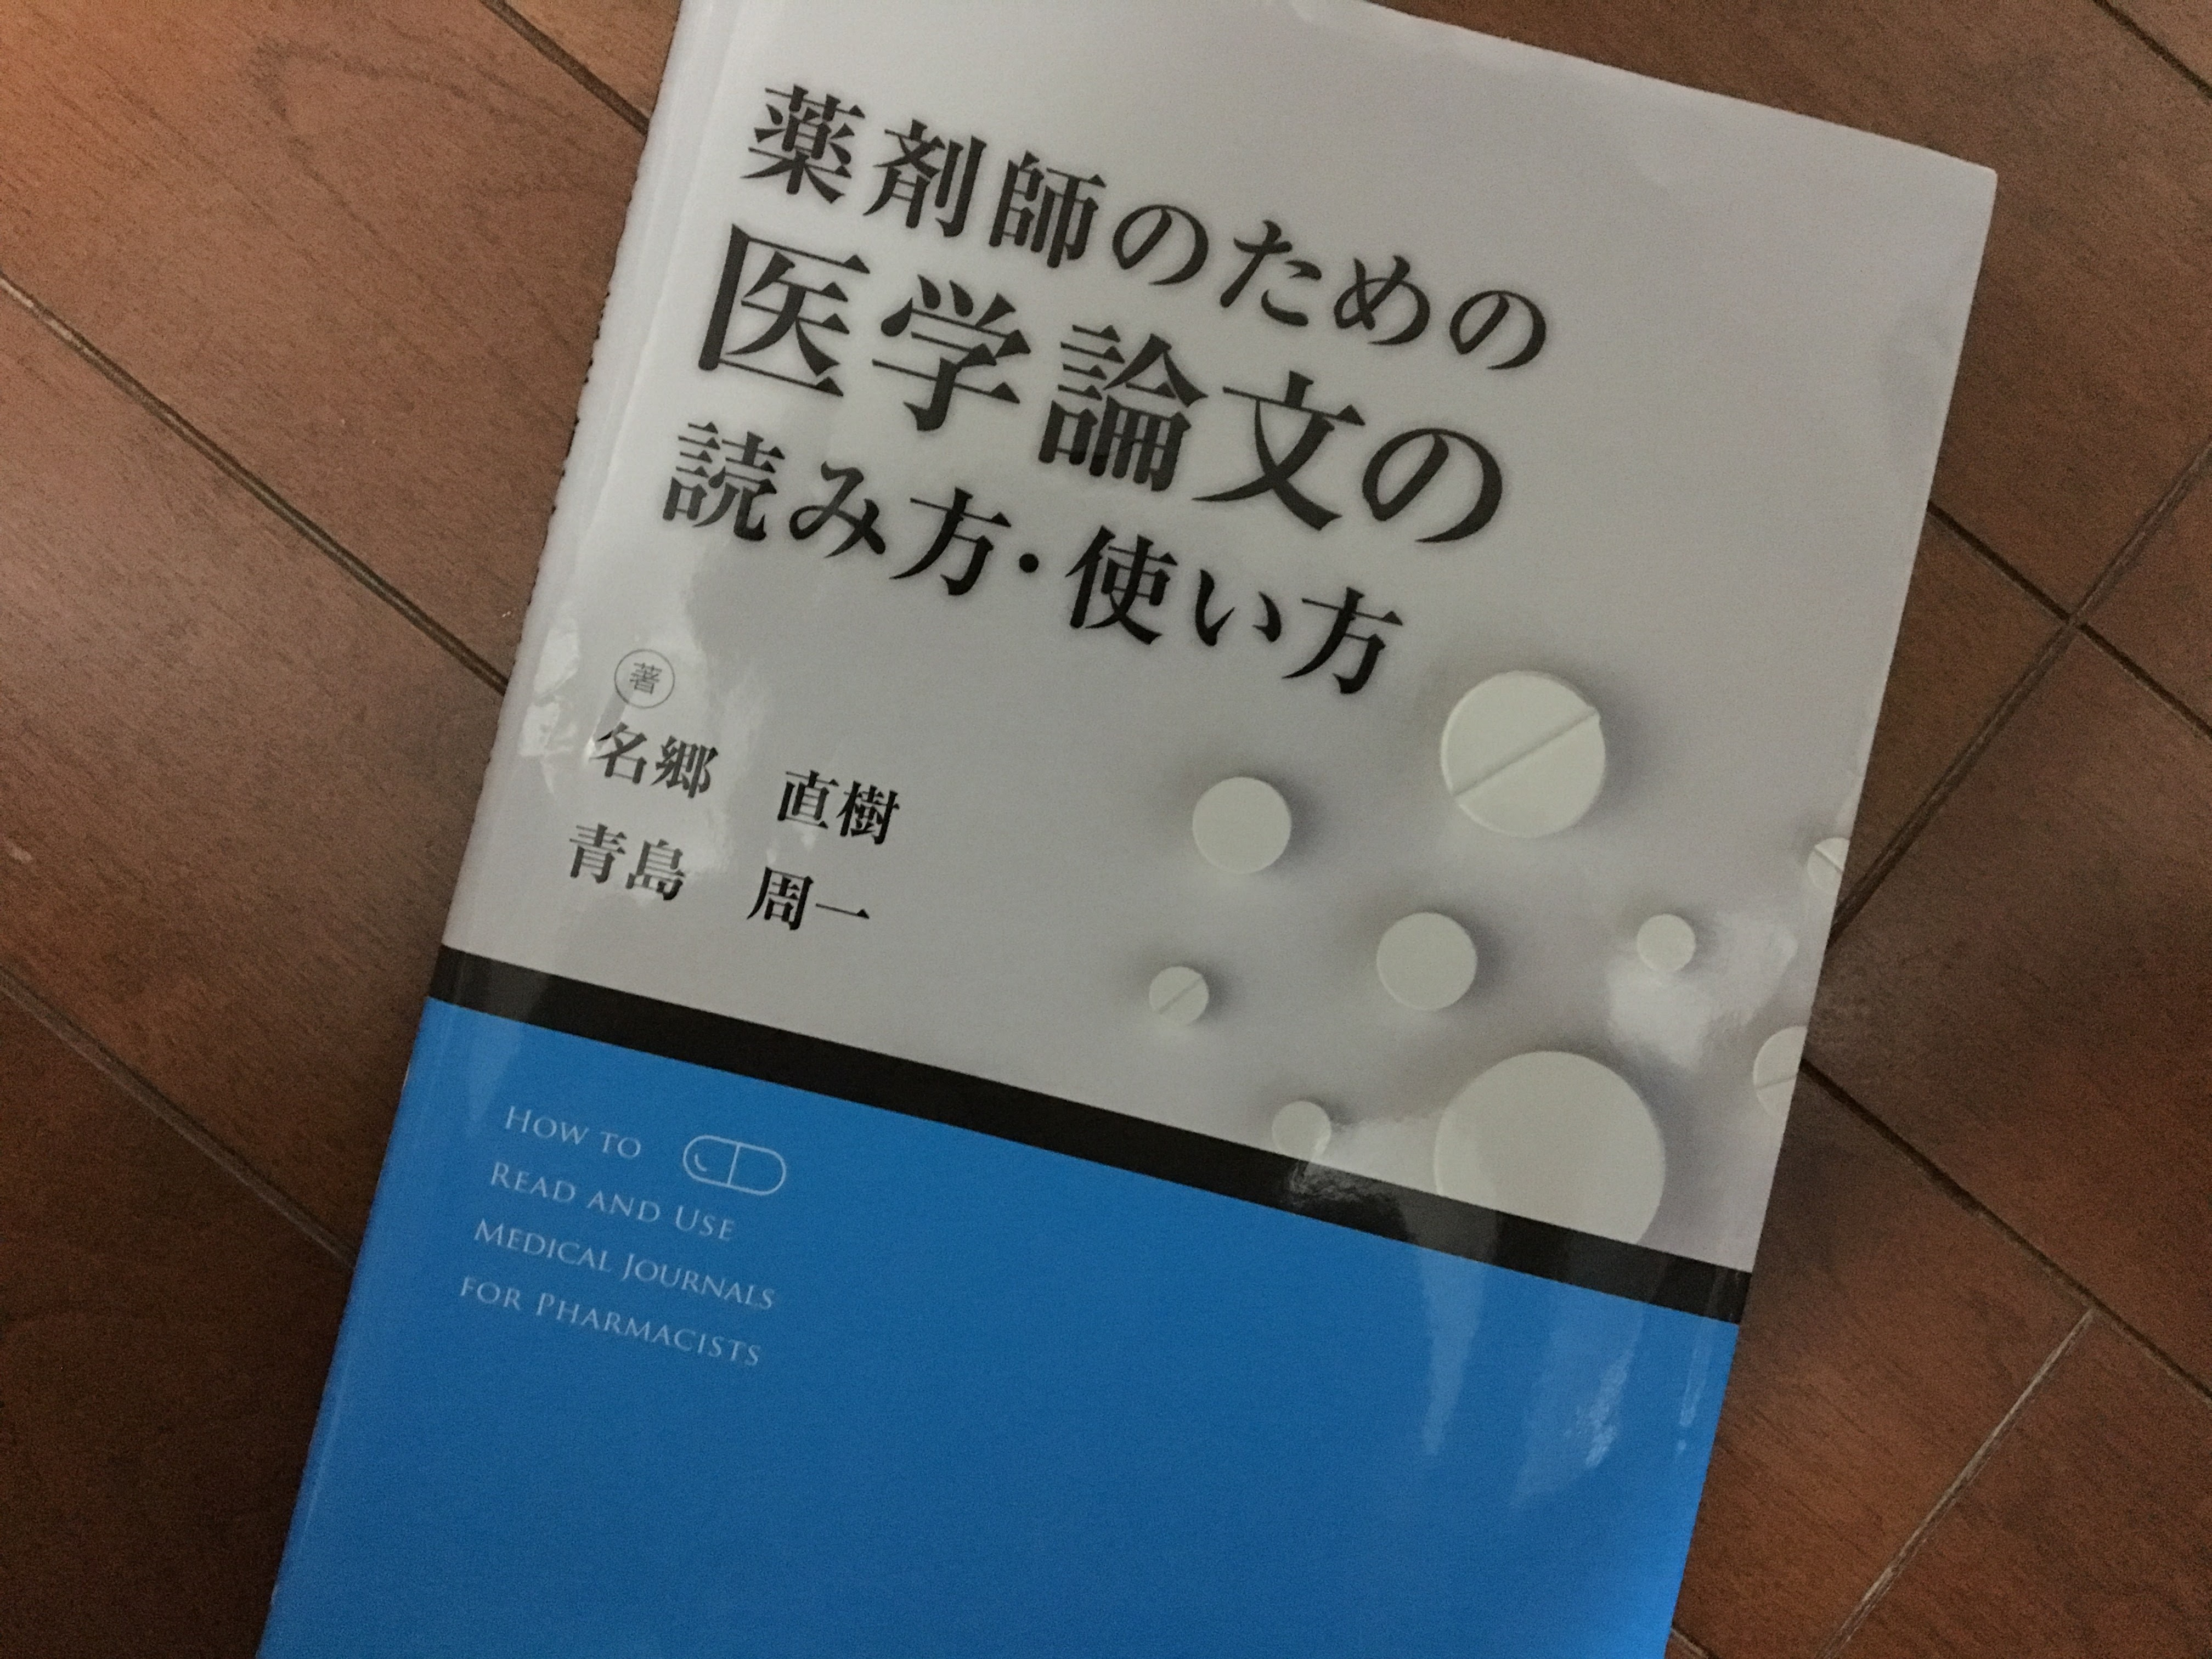 【薬剤師のための医学論文の読み方・使い方】はEBMを学ぶ薬剤師必携の書や!